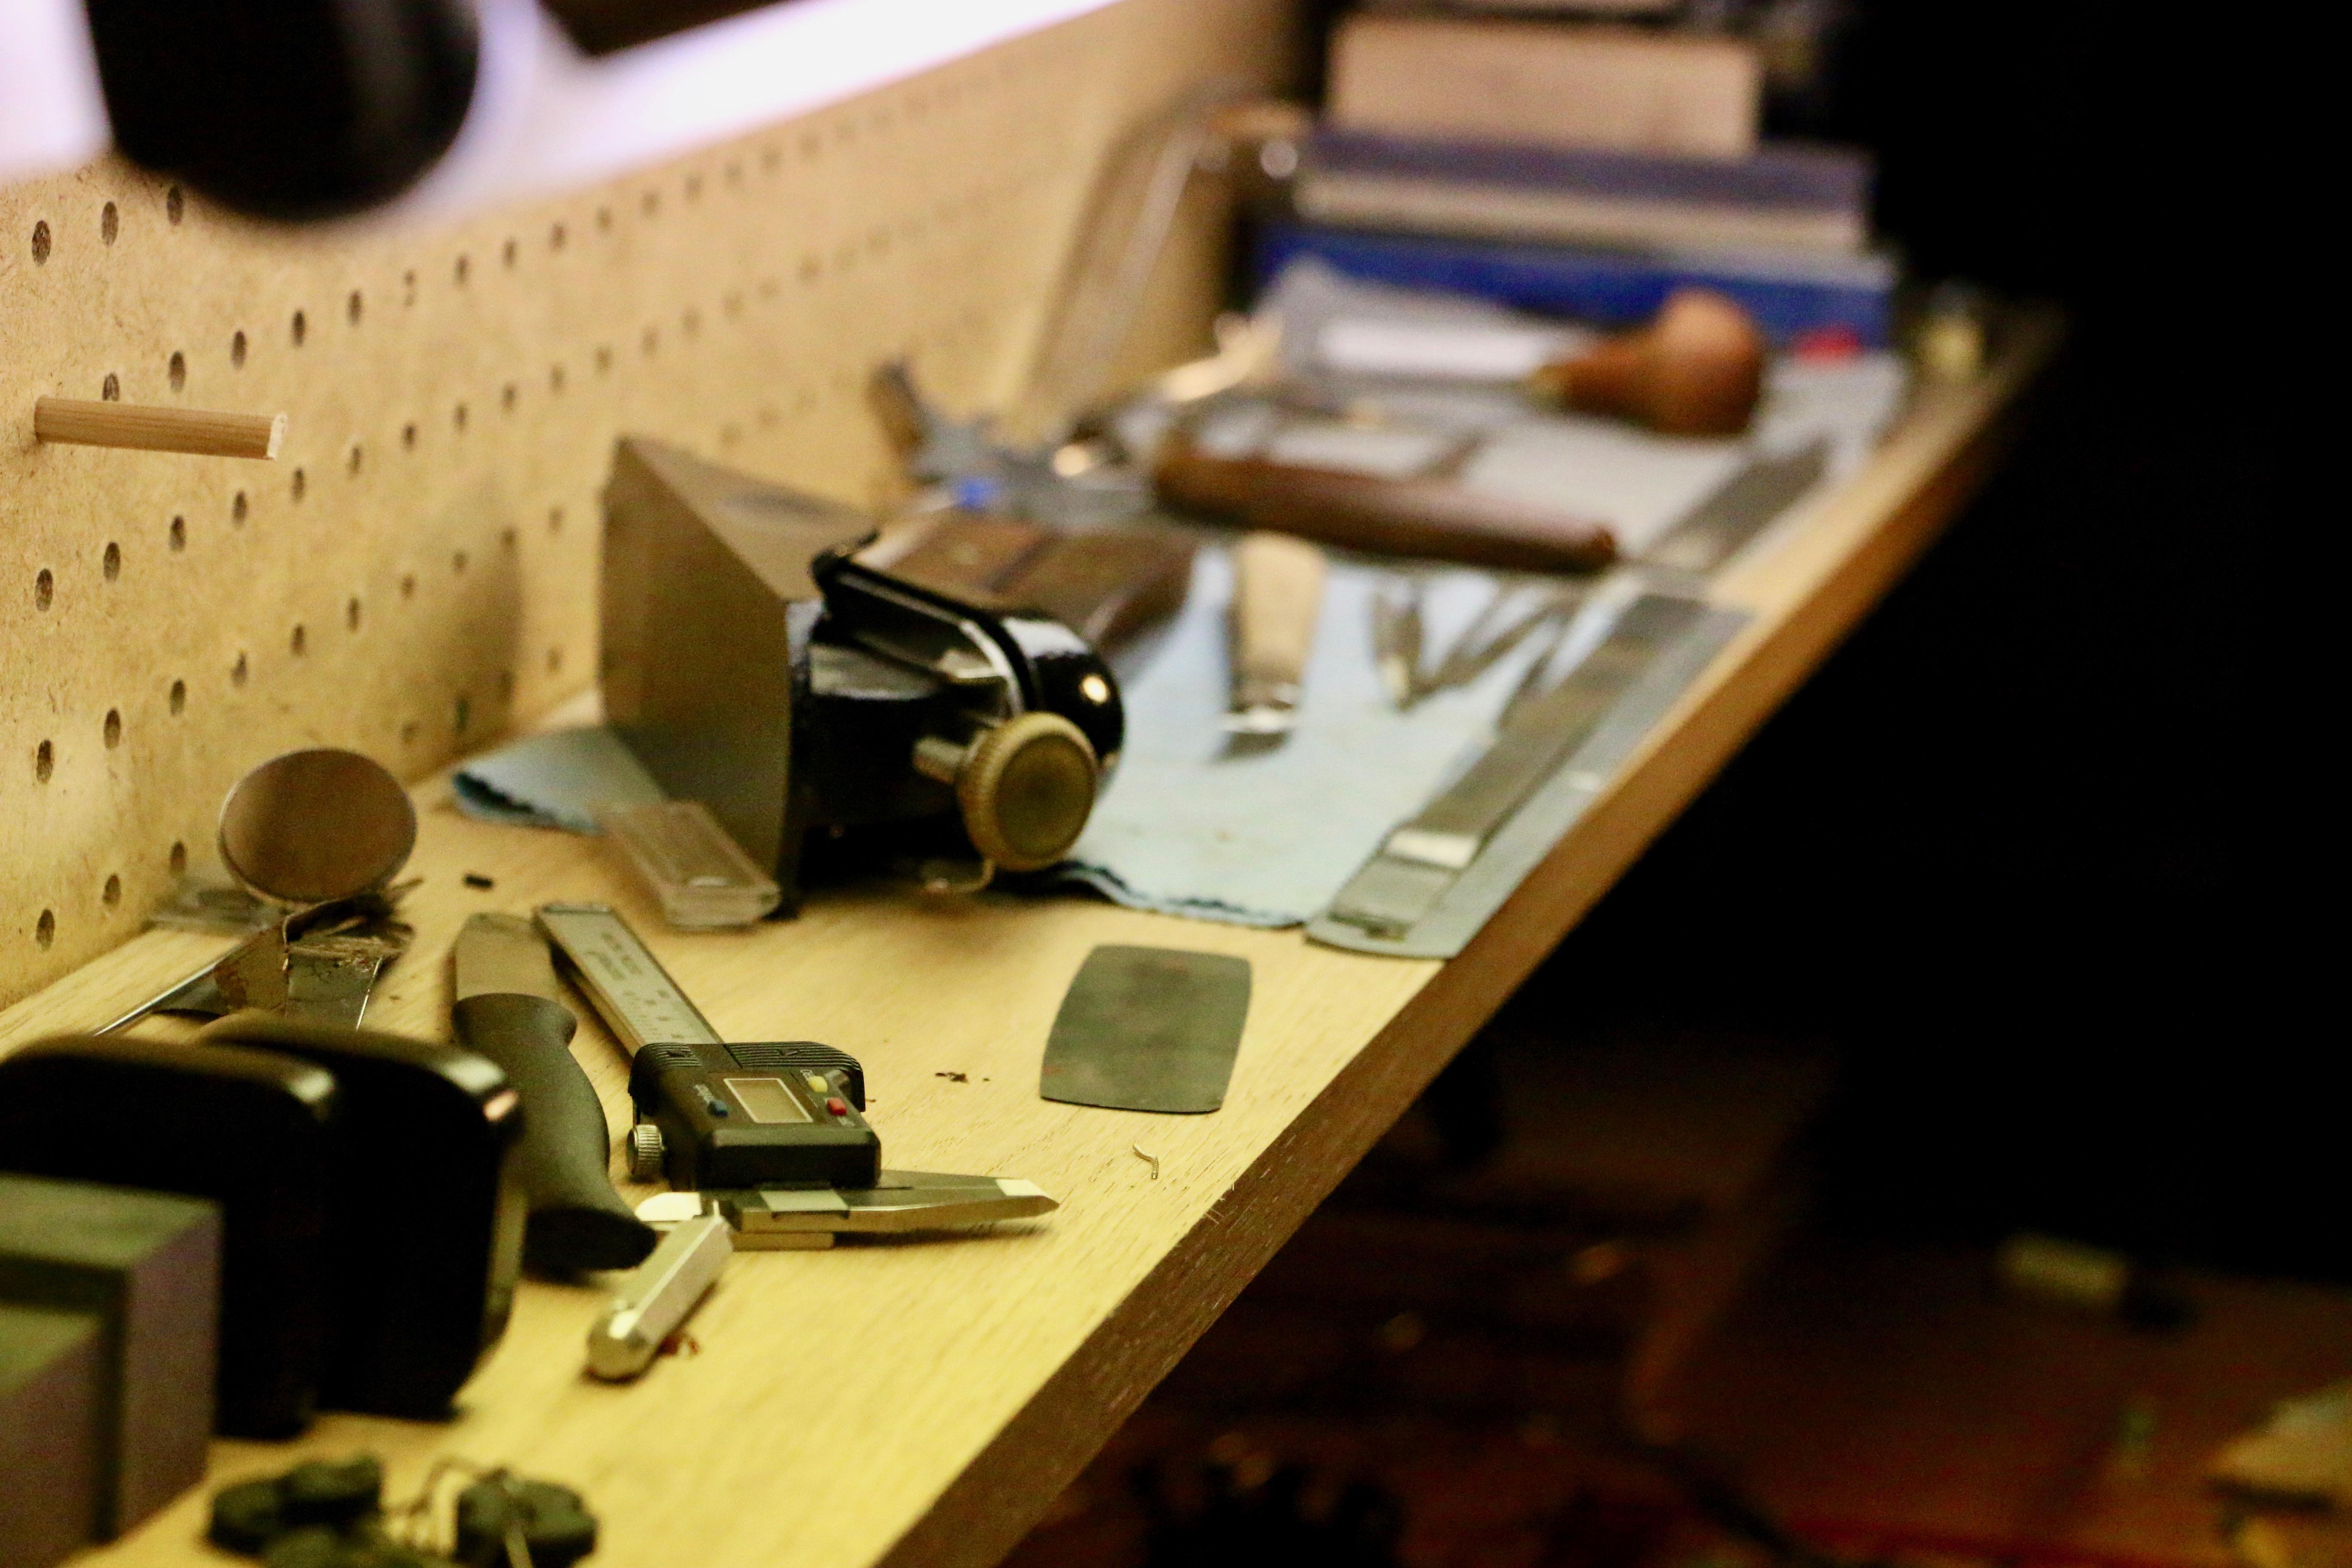 Violin Repair Bench